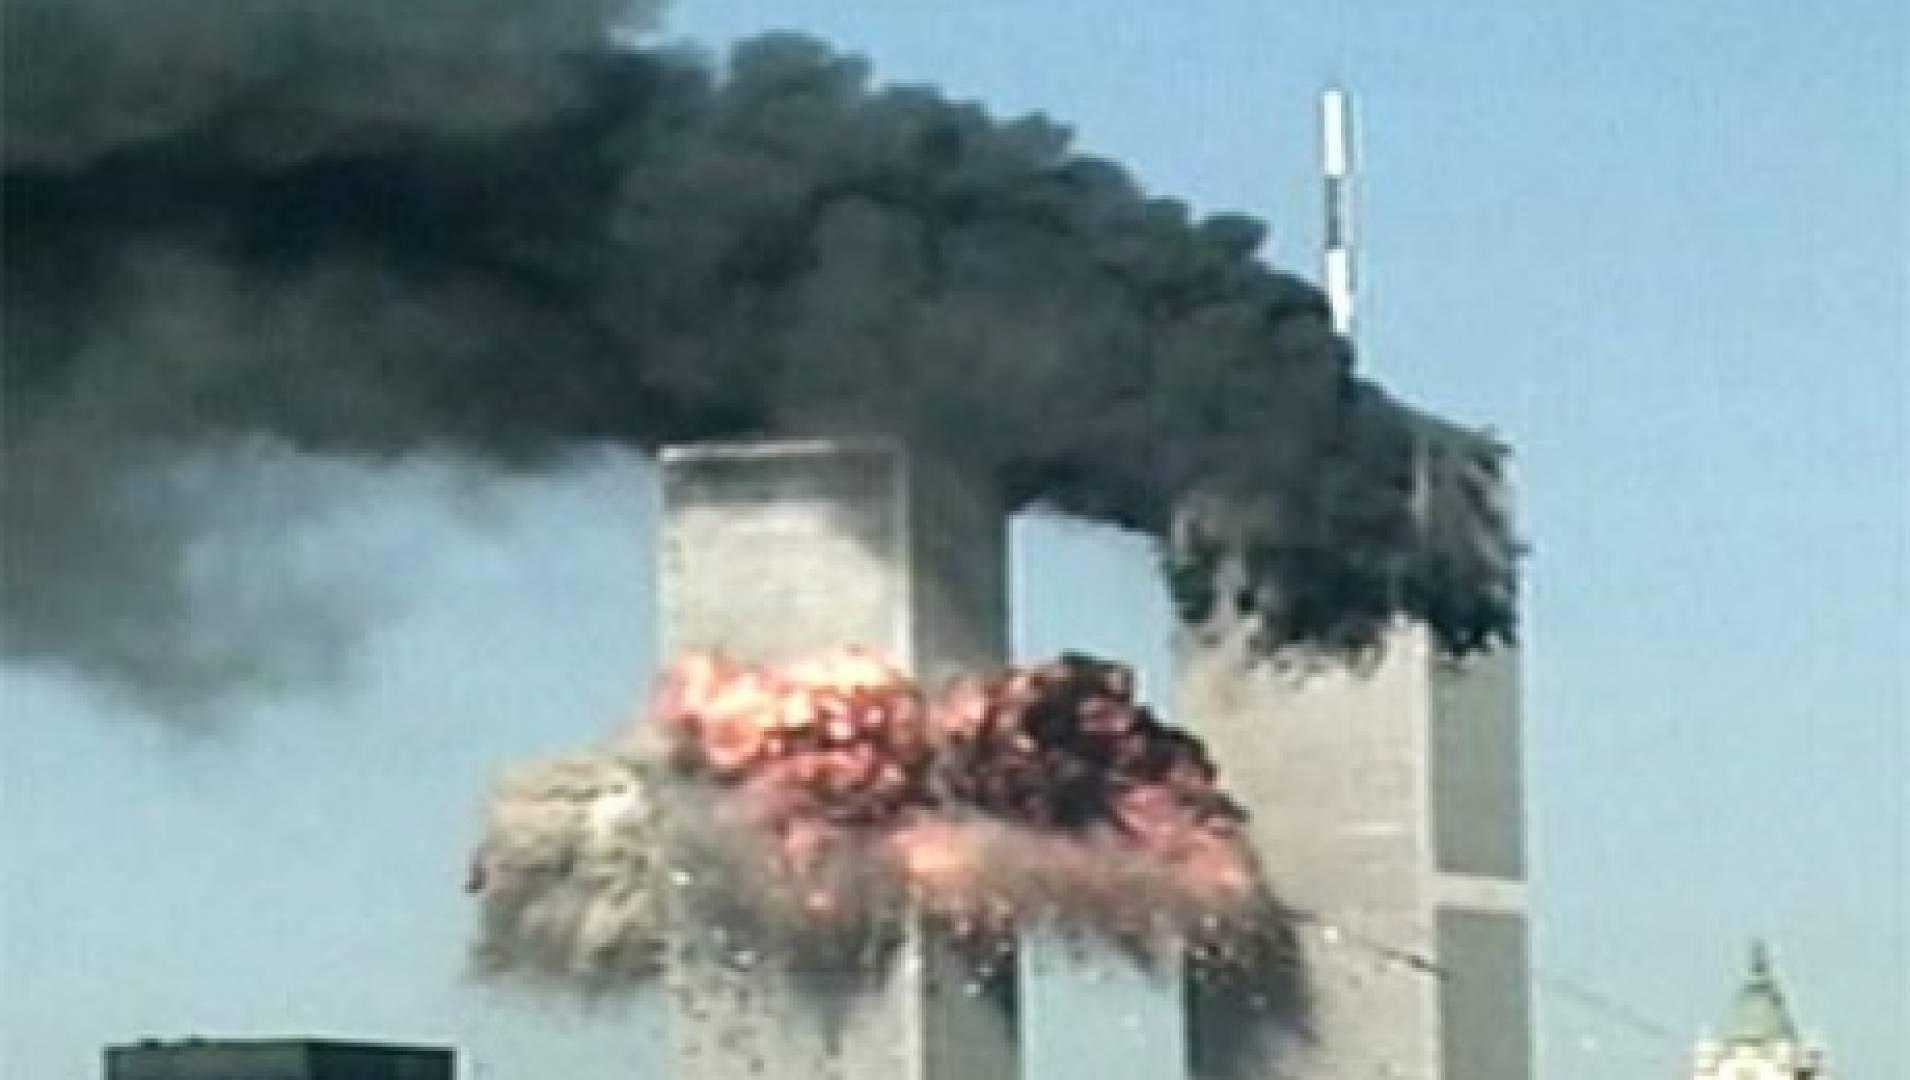 9/11. Америка под ударом - Документальный фильм